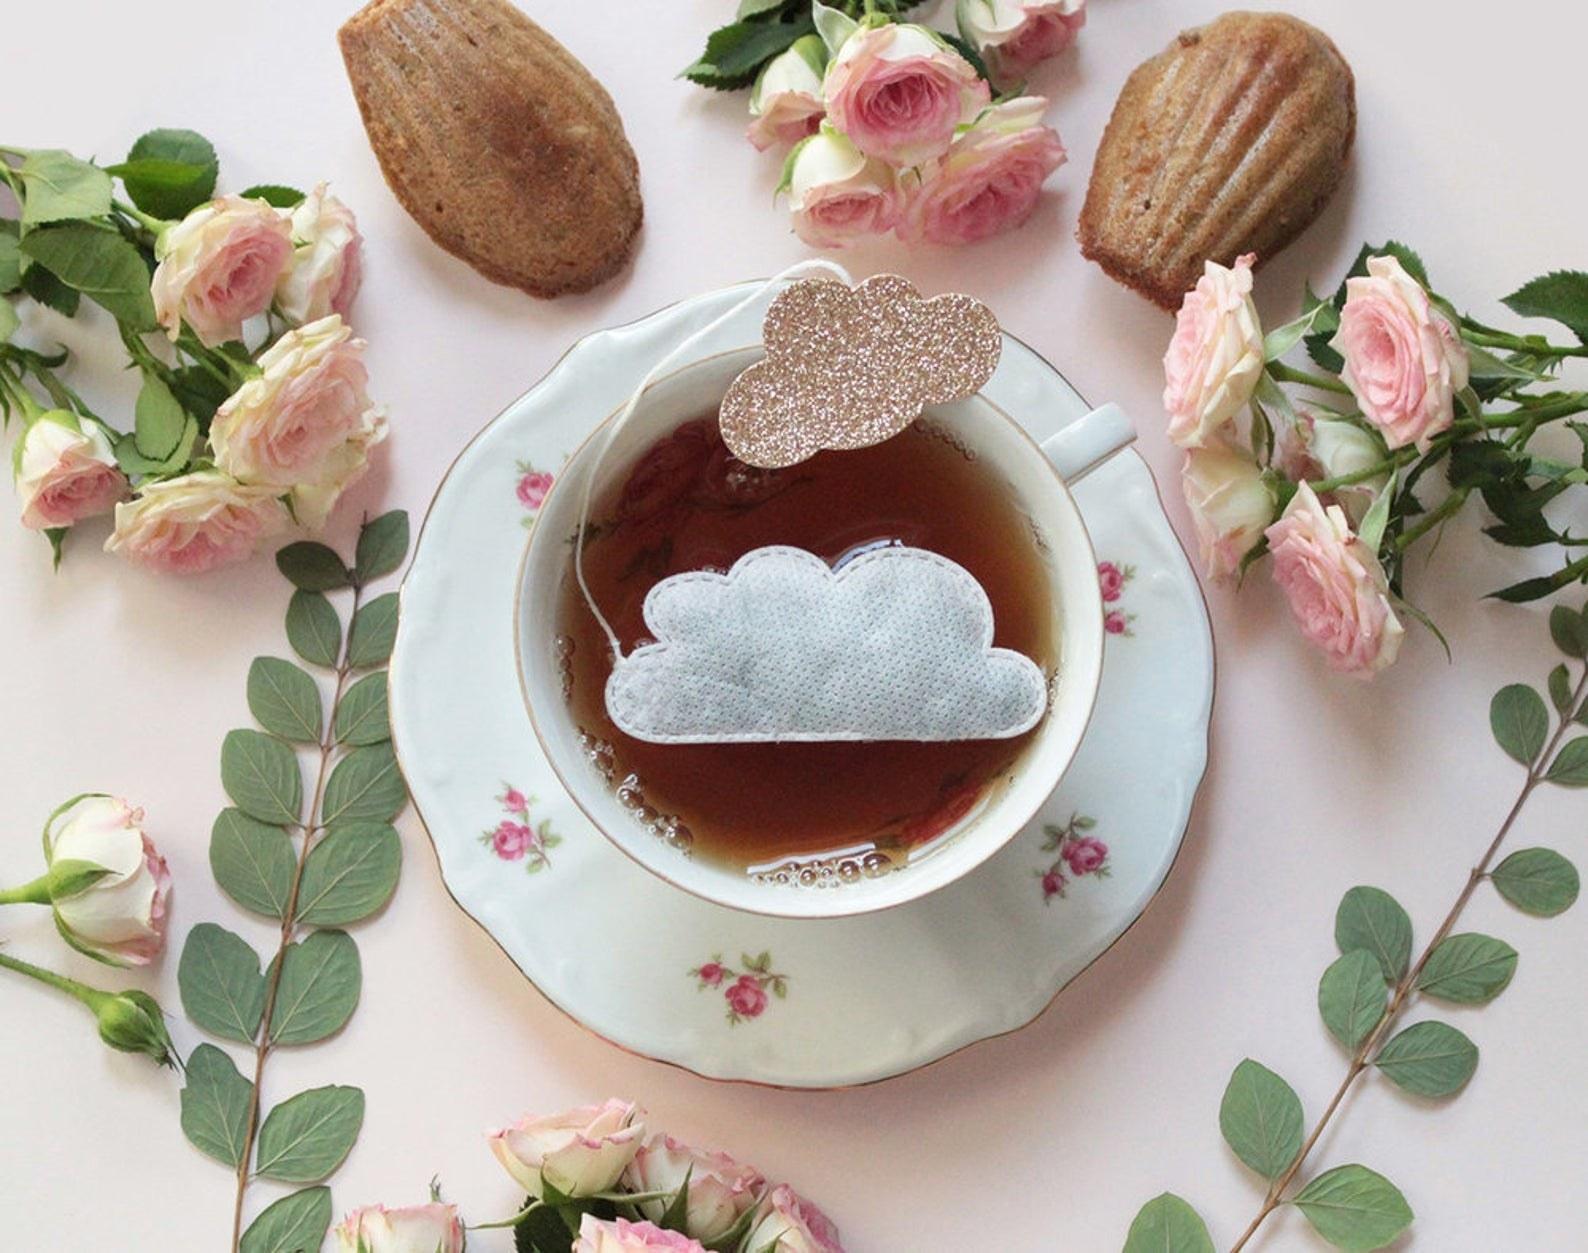 cloud-shaped tea bag floating in cup of tea